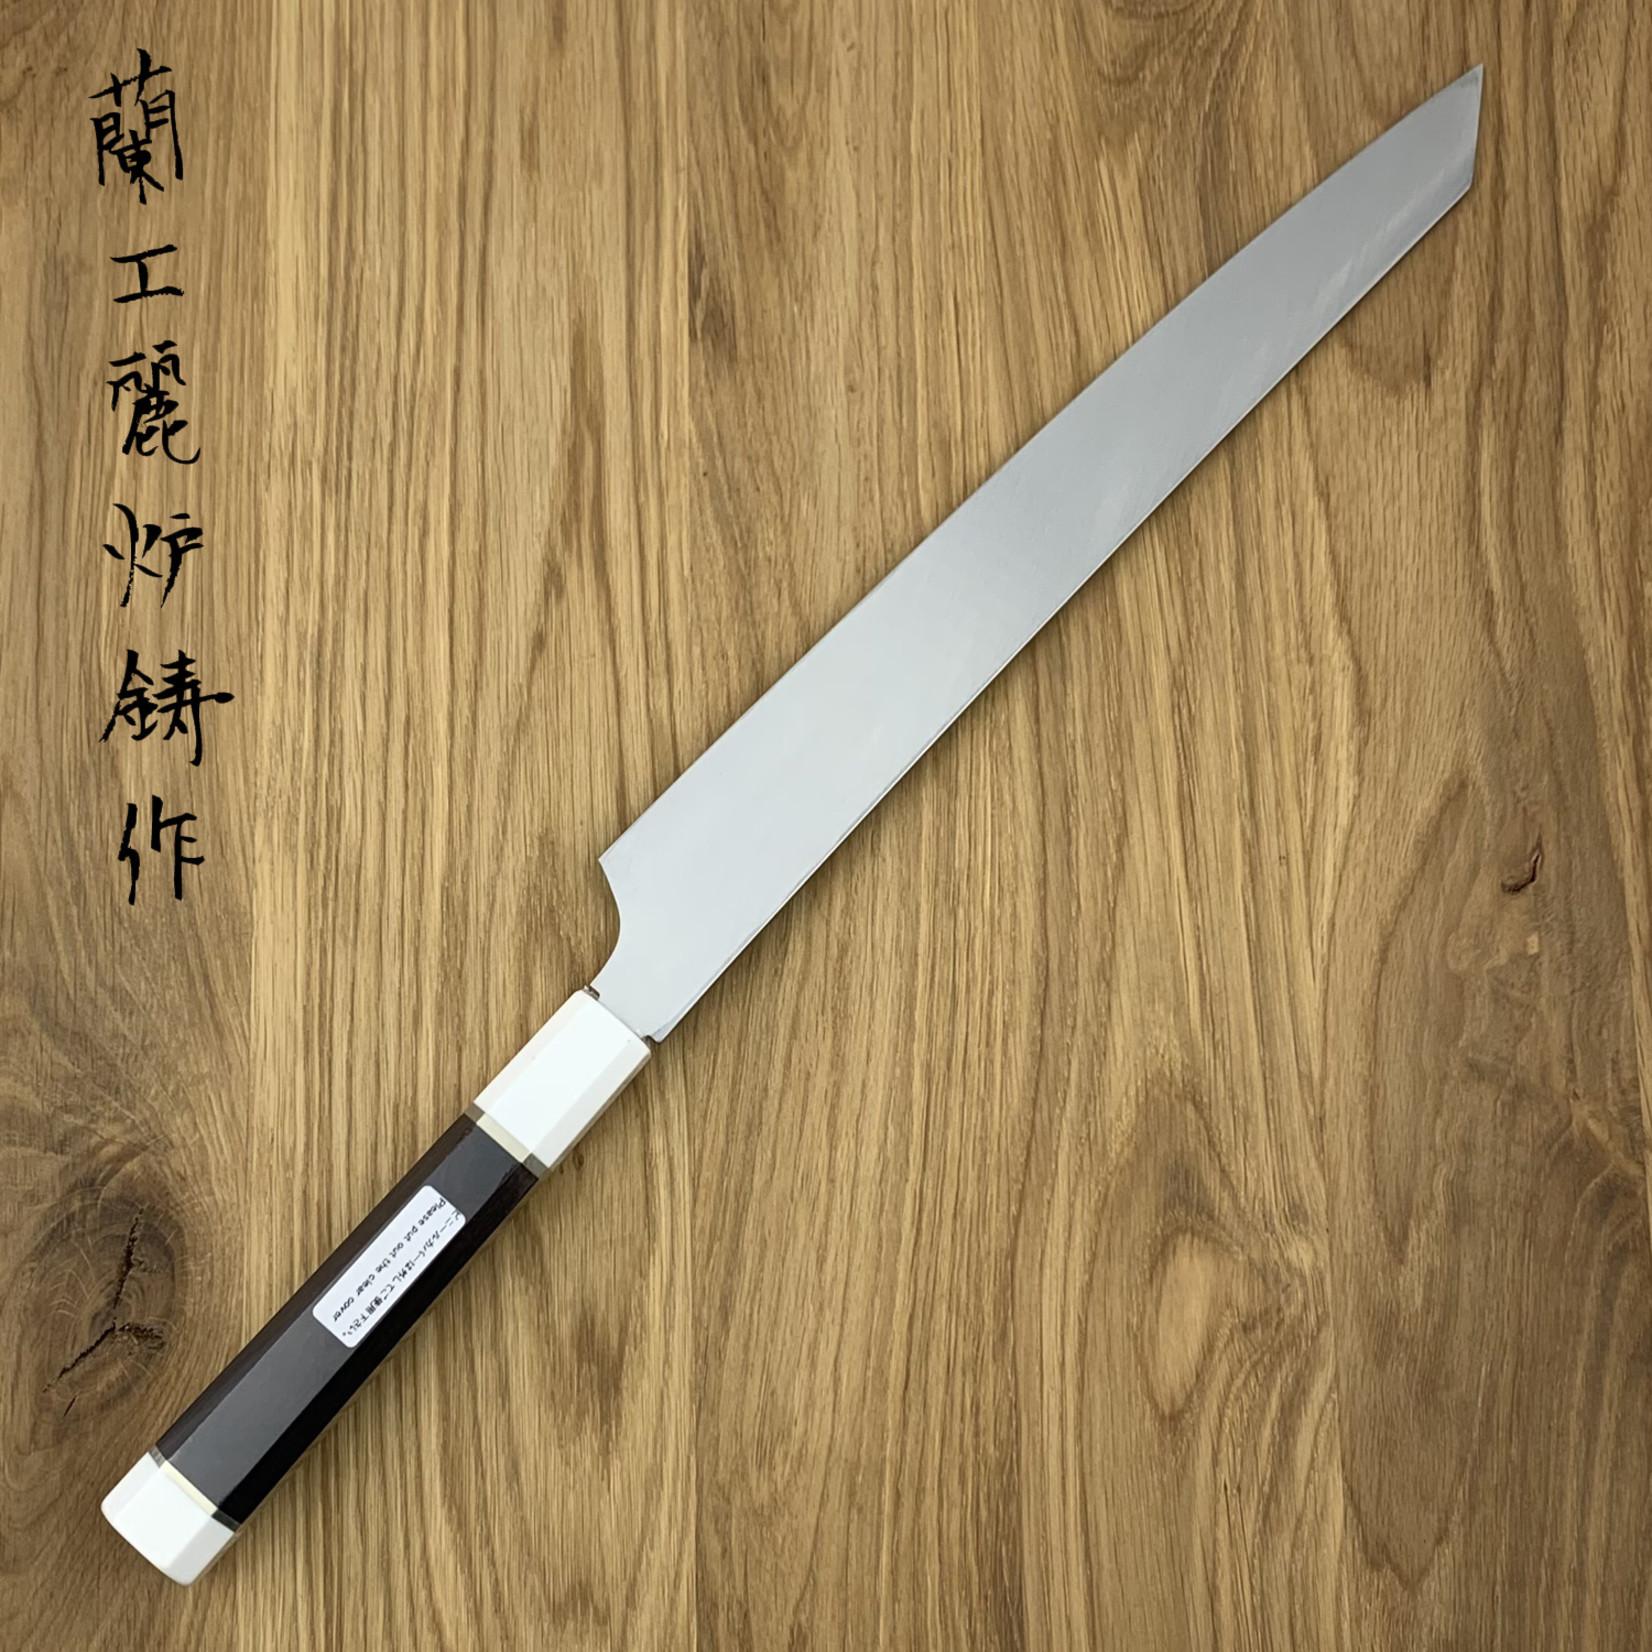 SAKAI TAKAYUKI Ginryu Kengata Yanagiba 300 mm 02261